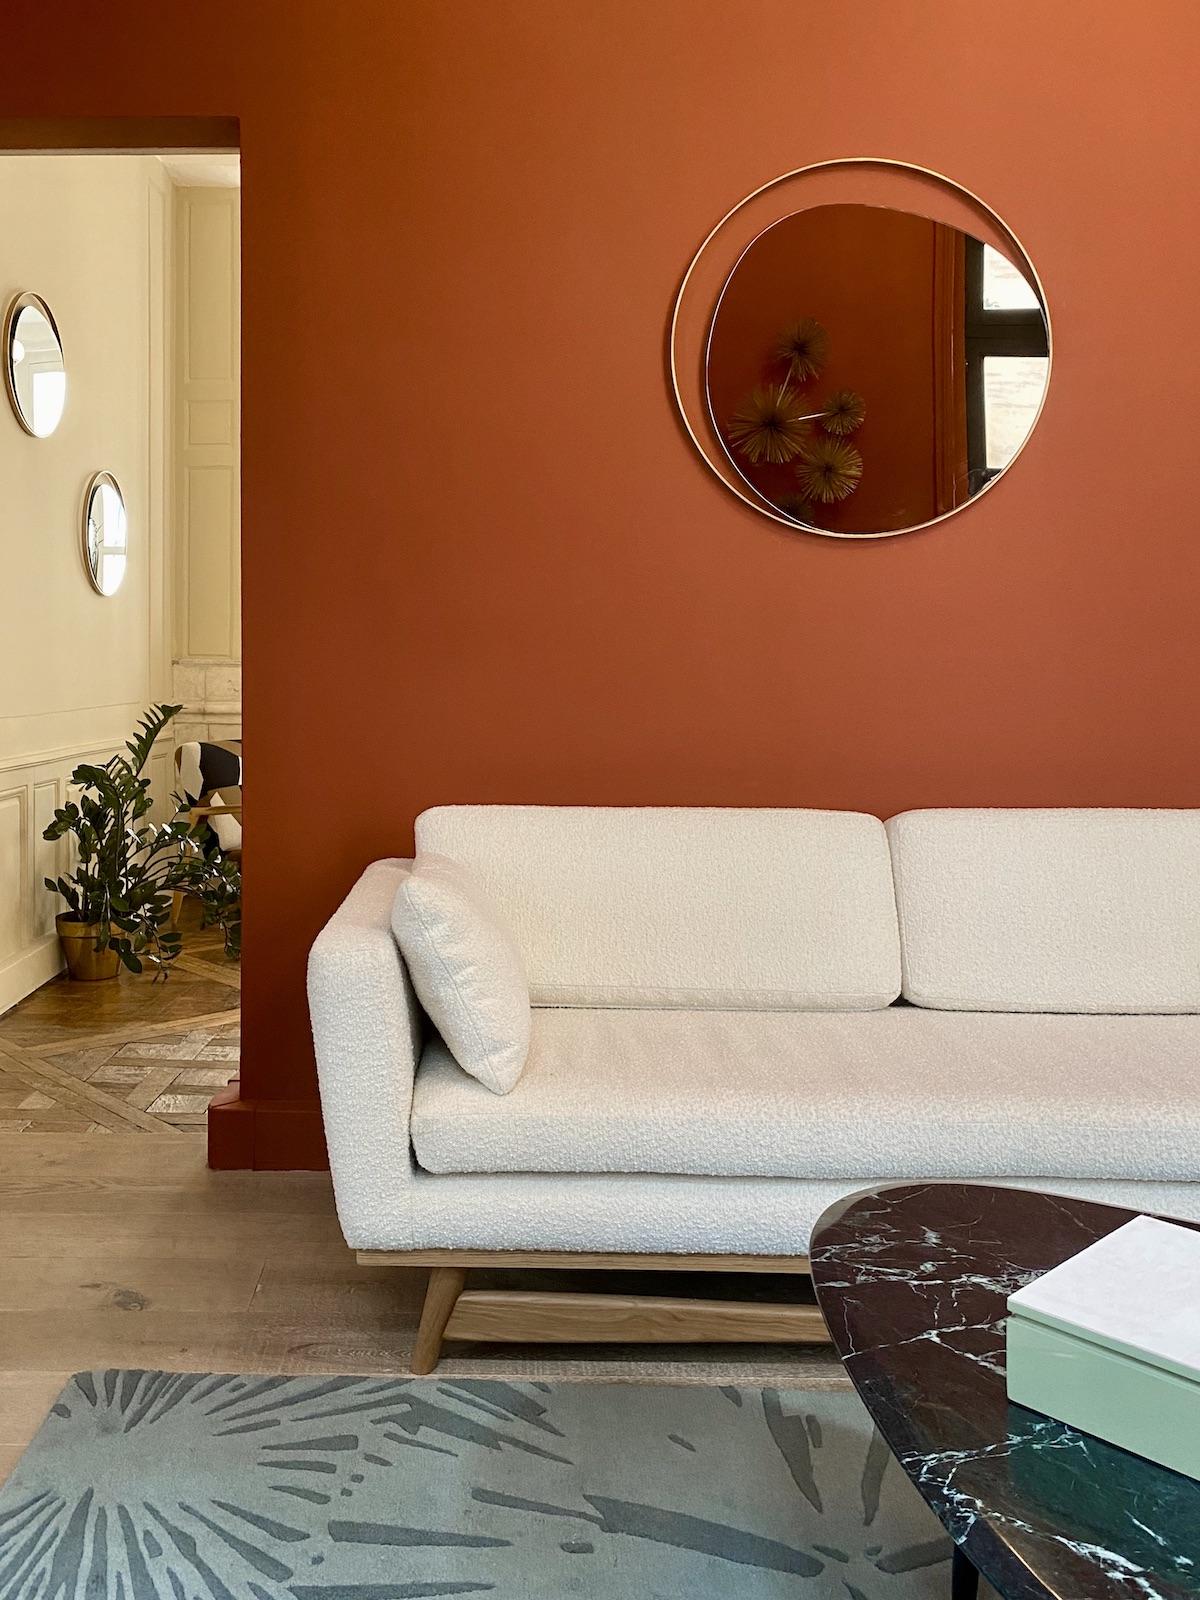 salon canapé bouclette gris clair mur orange terracotta peinture table basse marbre ovale